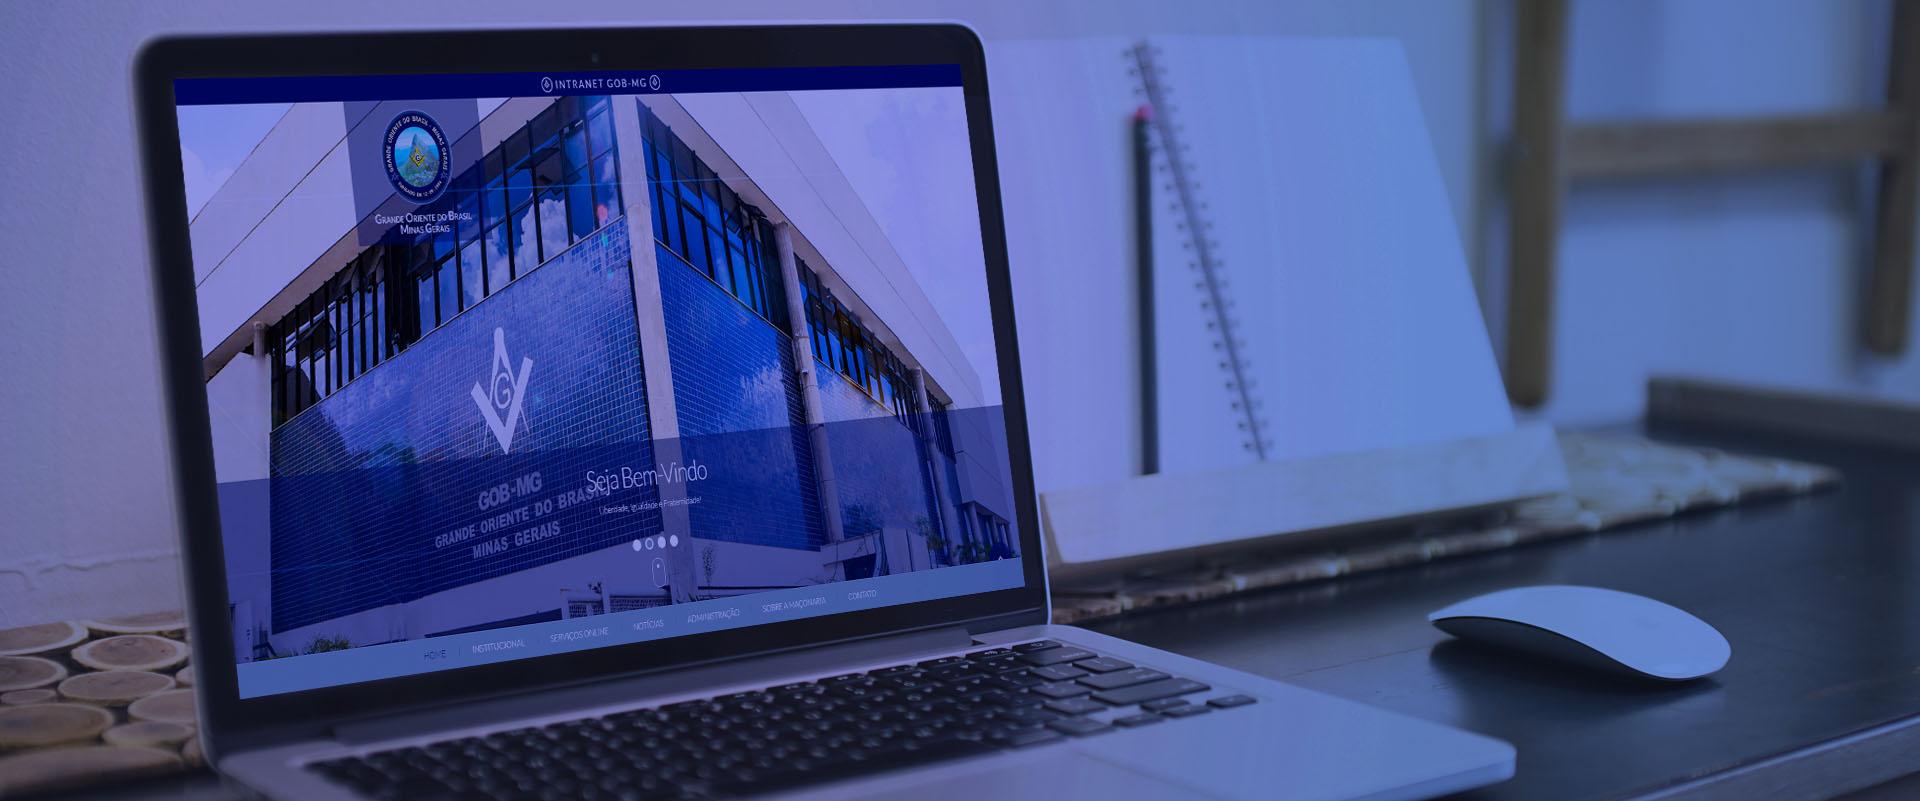 Criação de sites para instituições